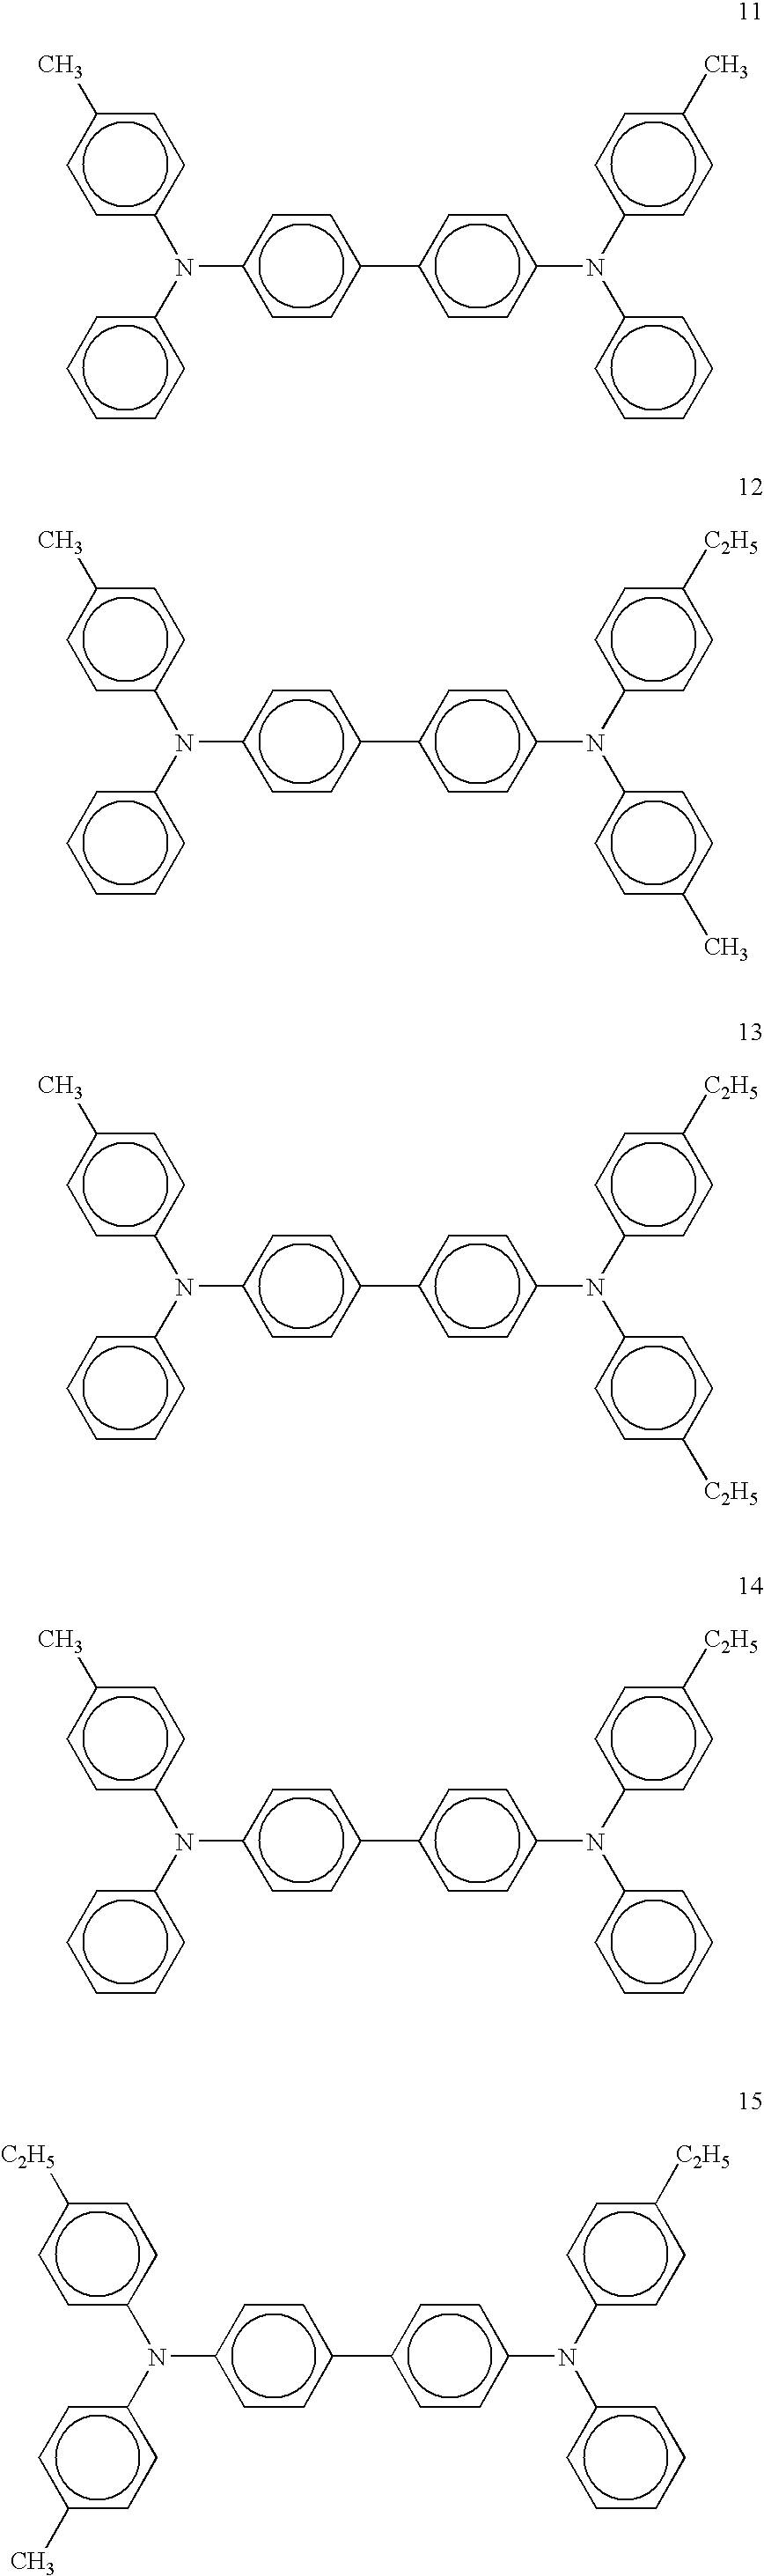 Figure US20040105614A1-20040603-C00006